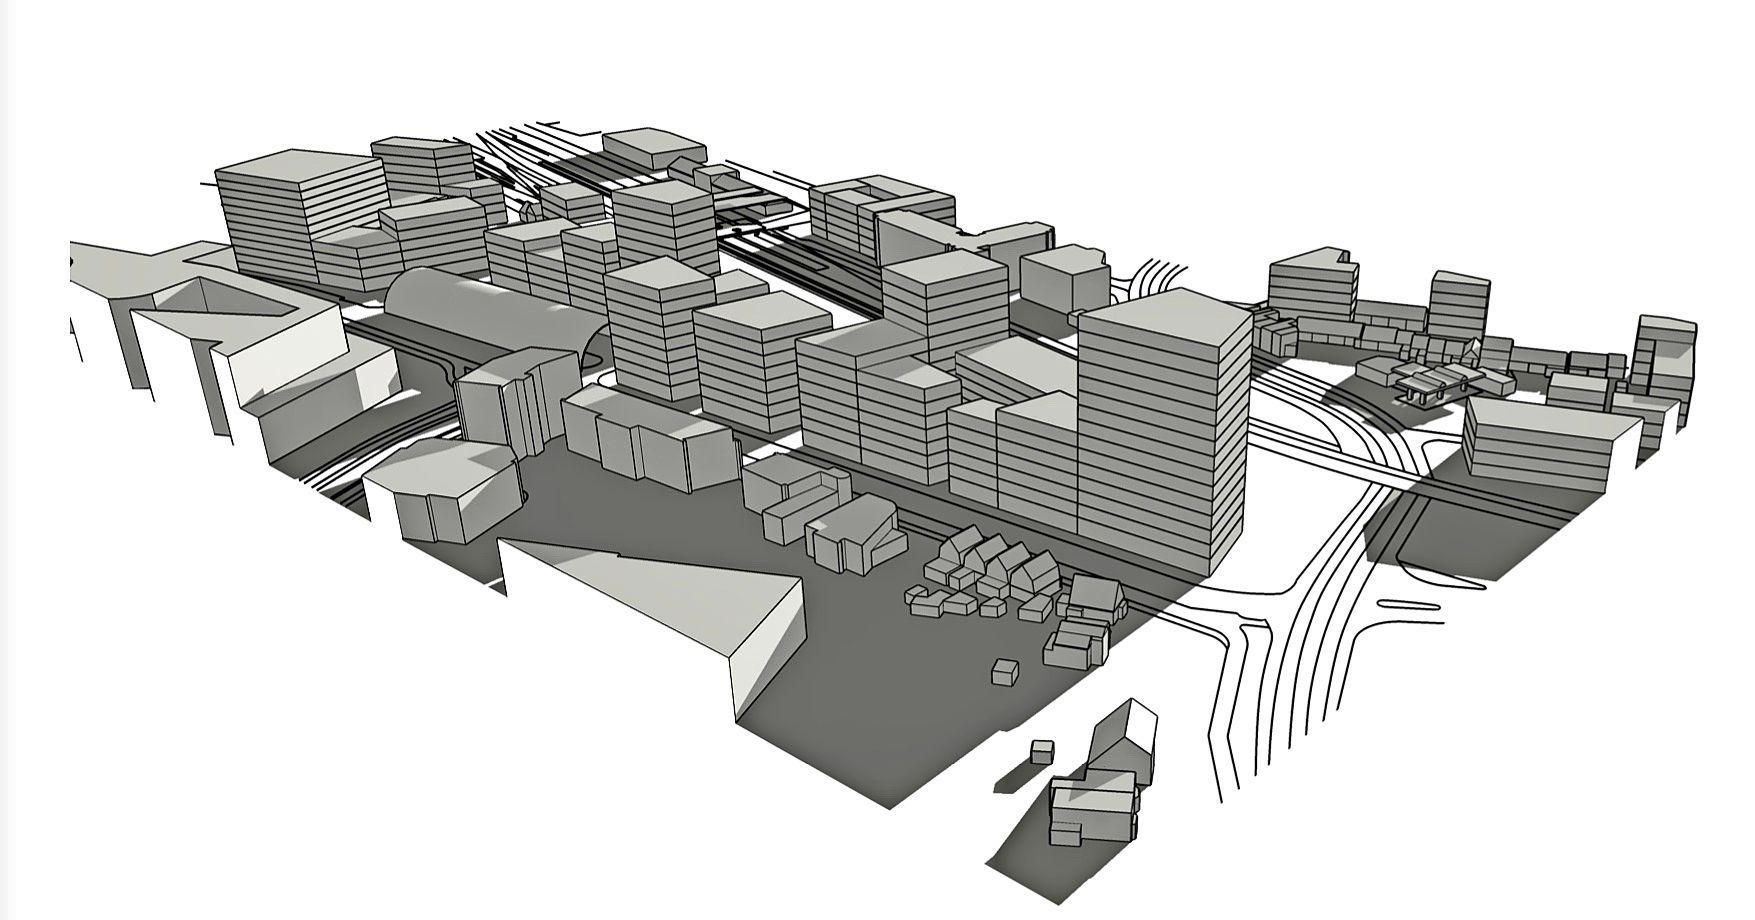 Alternatiefplan Poort van Hoorn